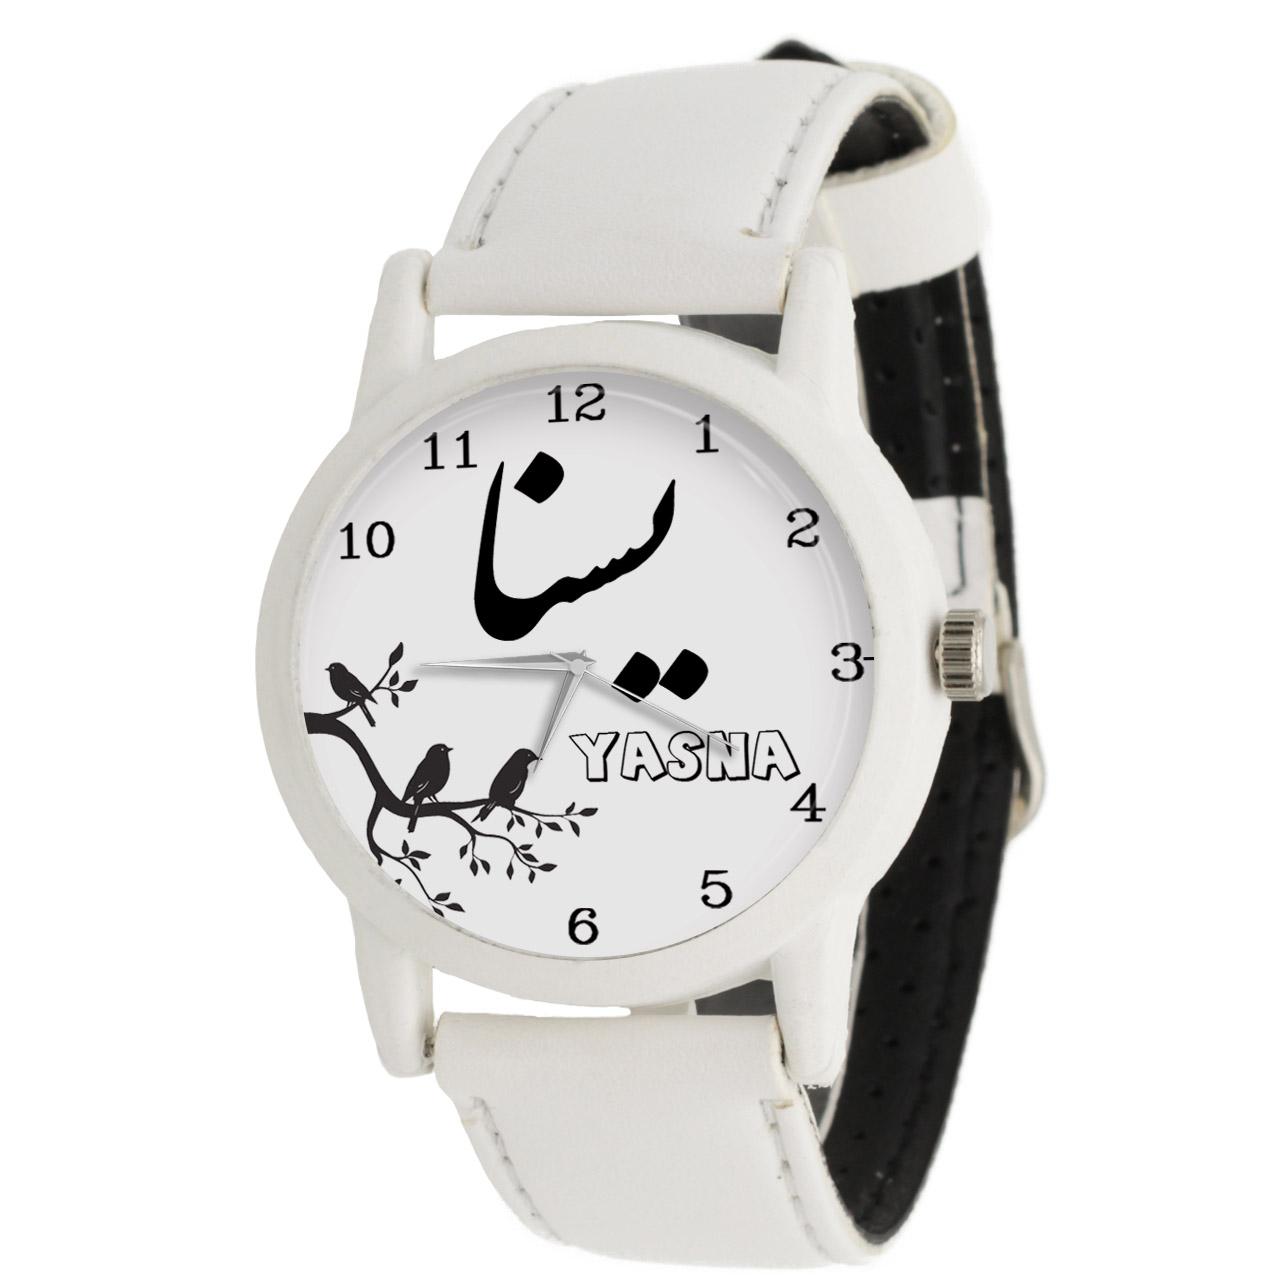 ساعت مچی عقربه ای زنانه طرح یسنا کد LF3123              ارزان